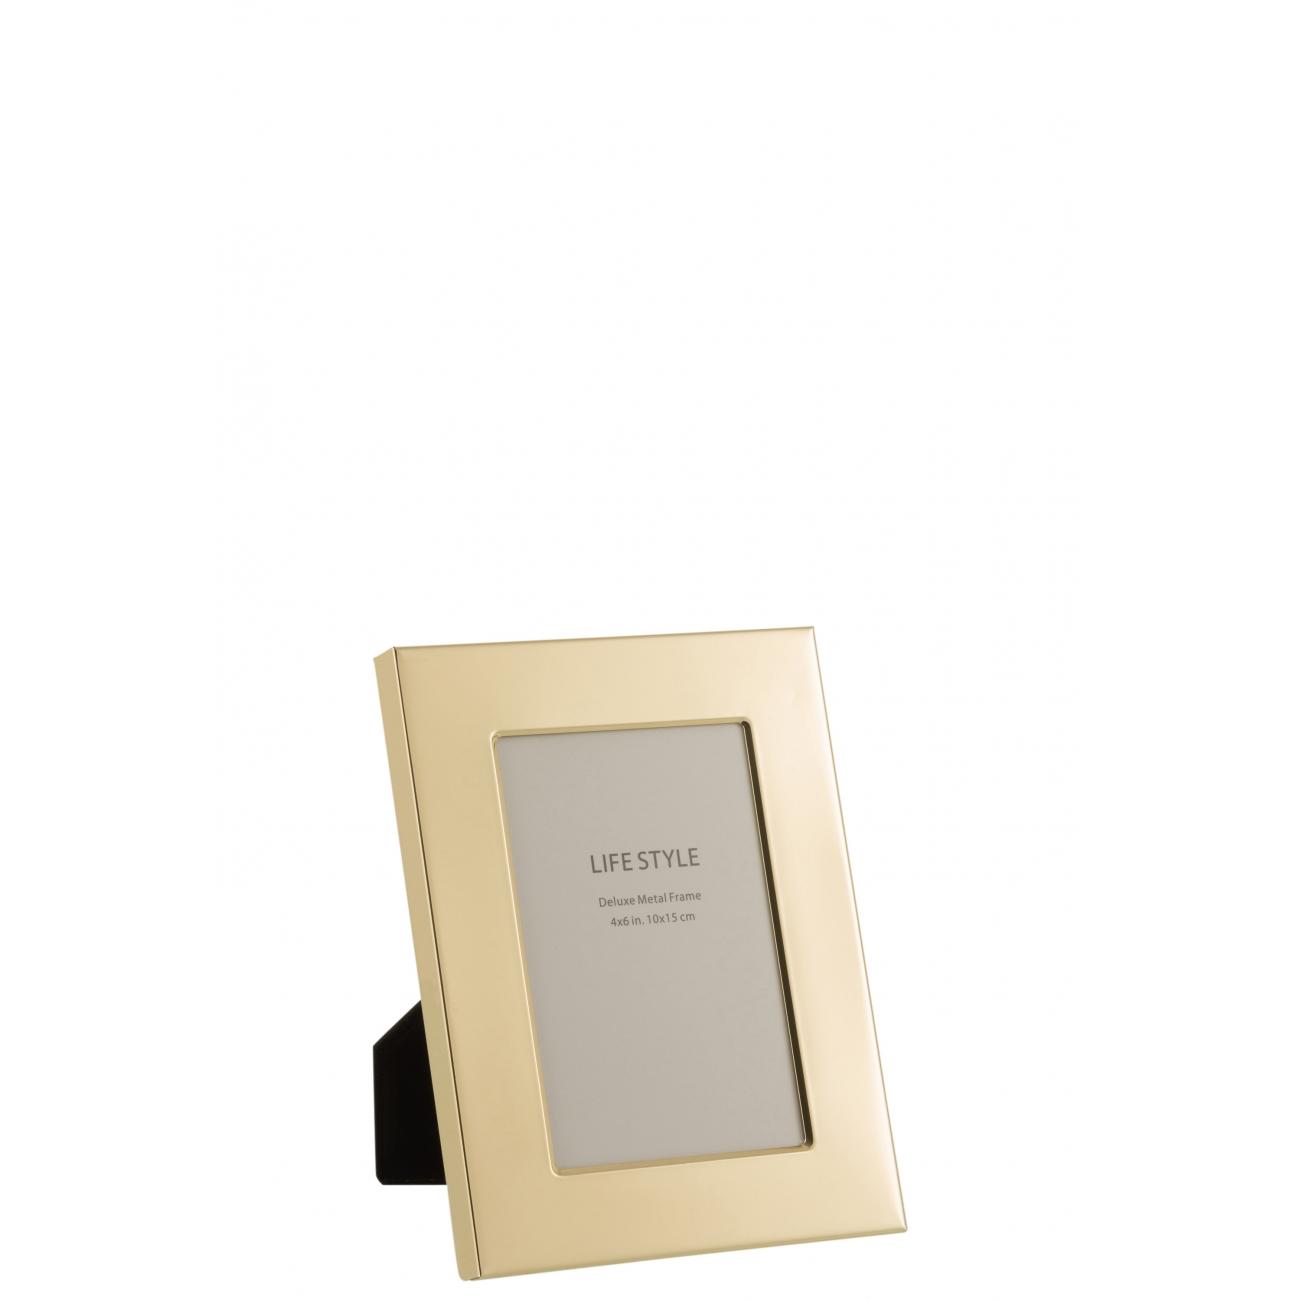 Фоторамка J-LINE металлическая зеркальная золотого цвета 10х15 см Бельгия